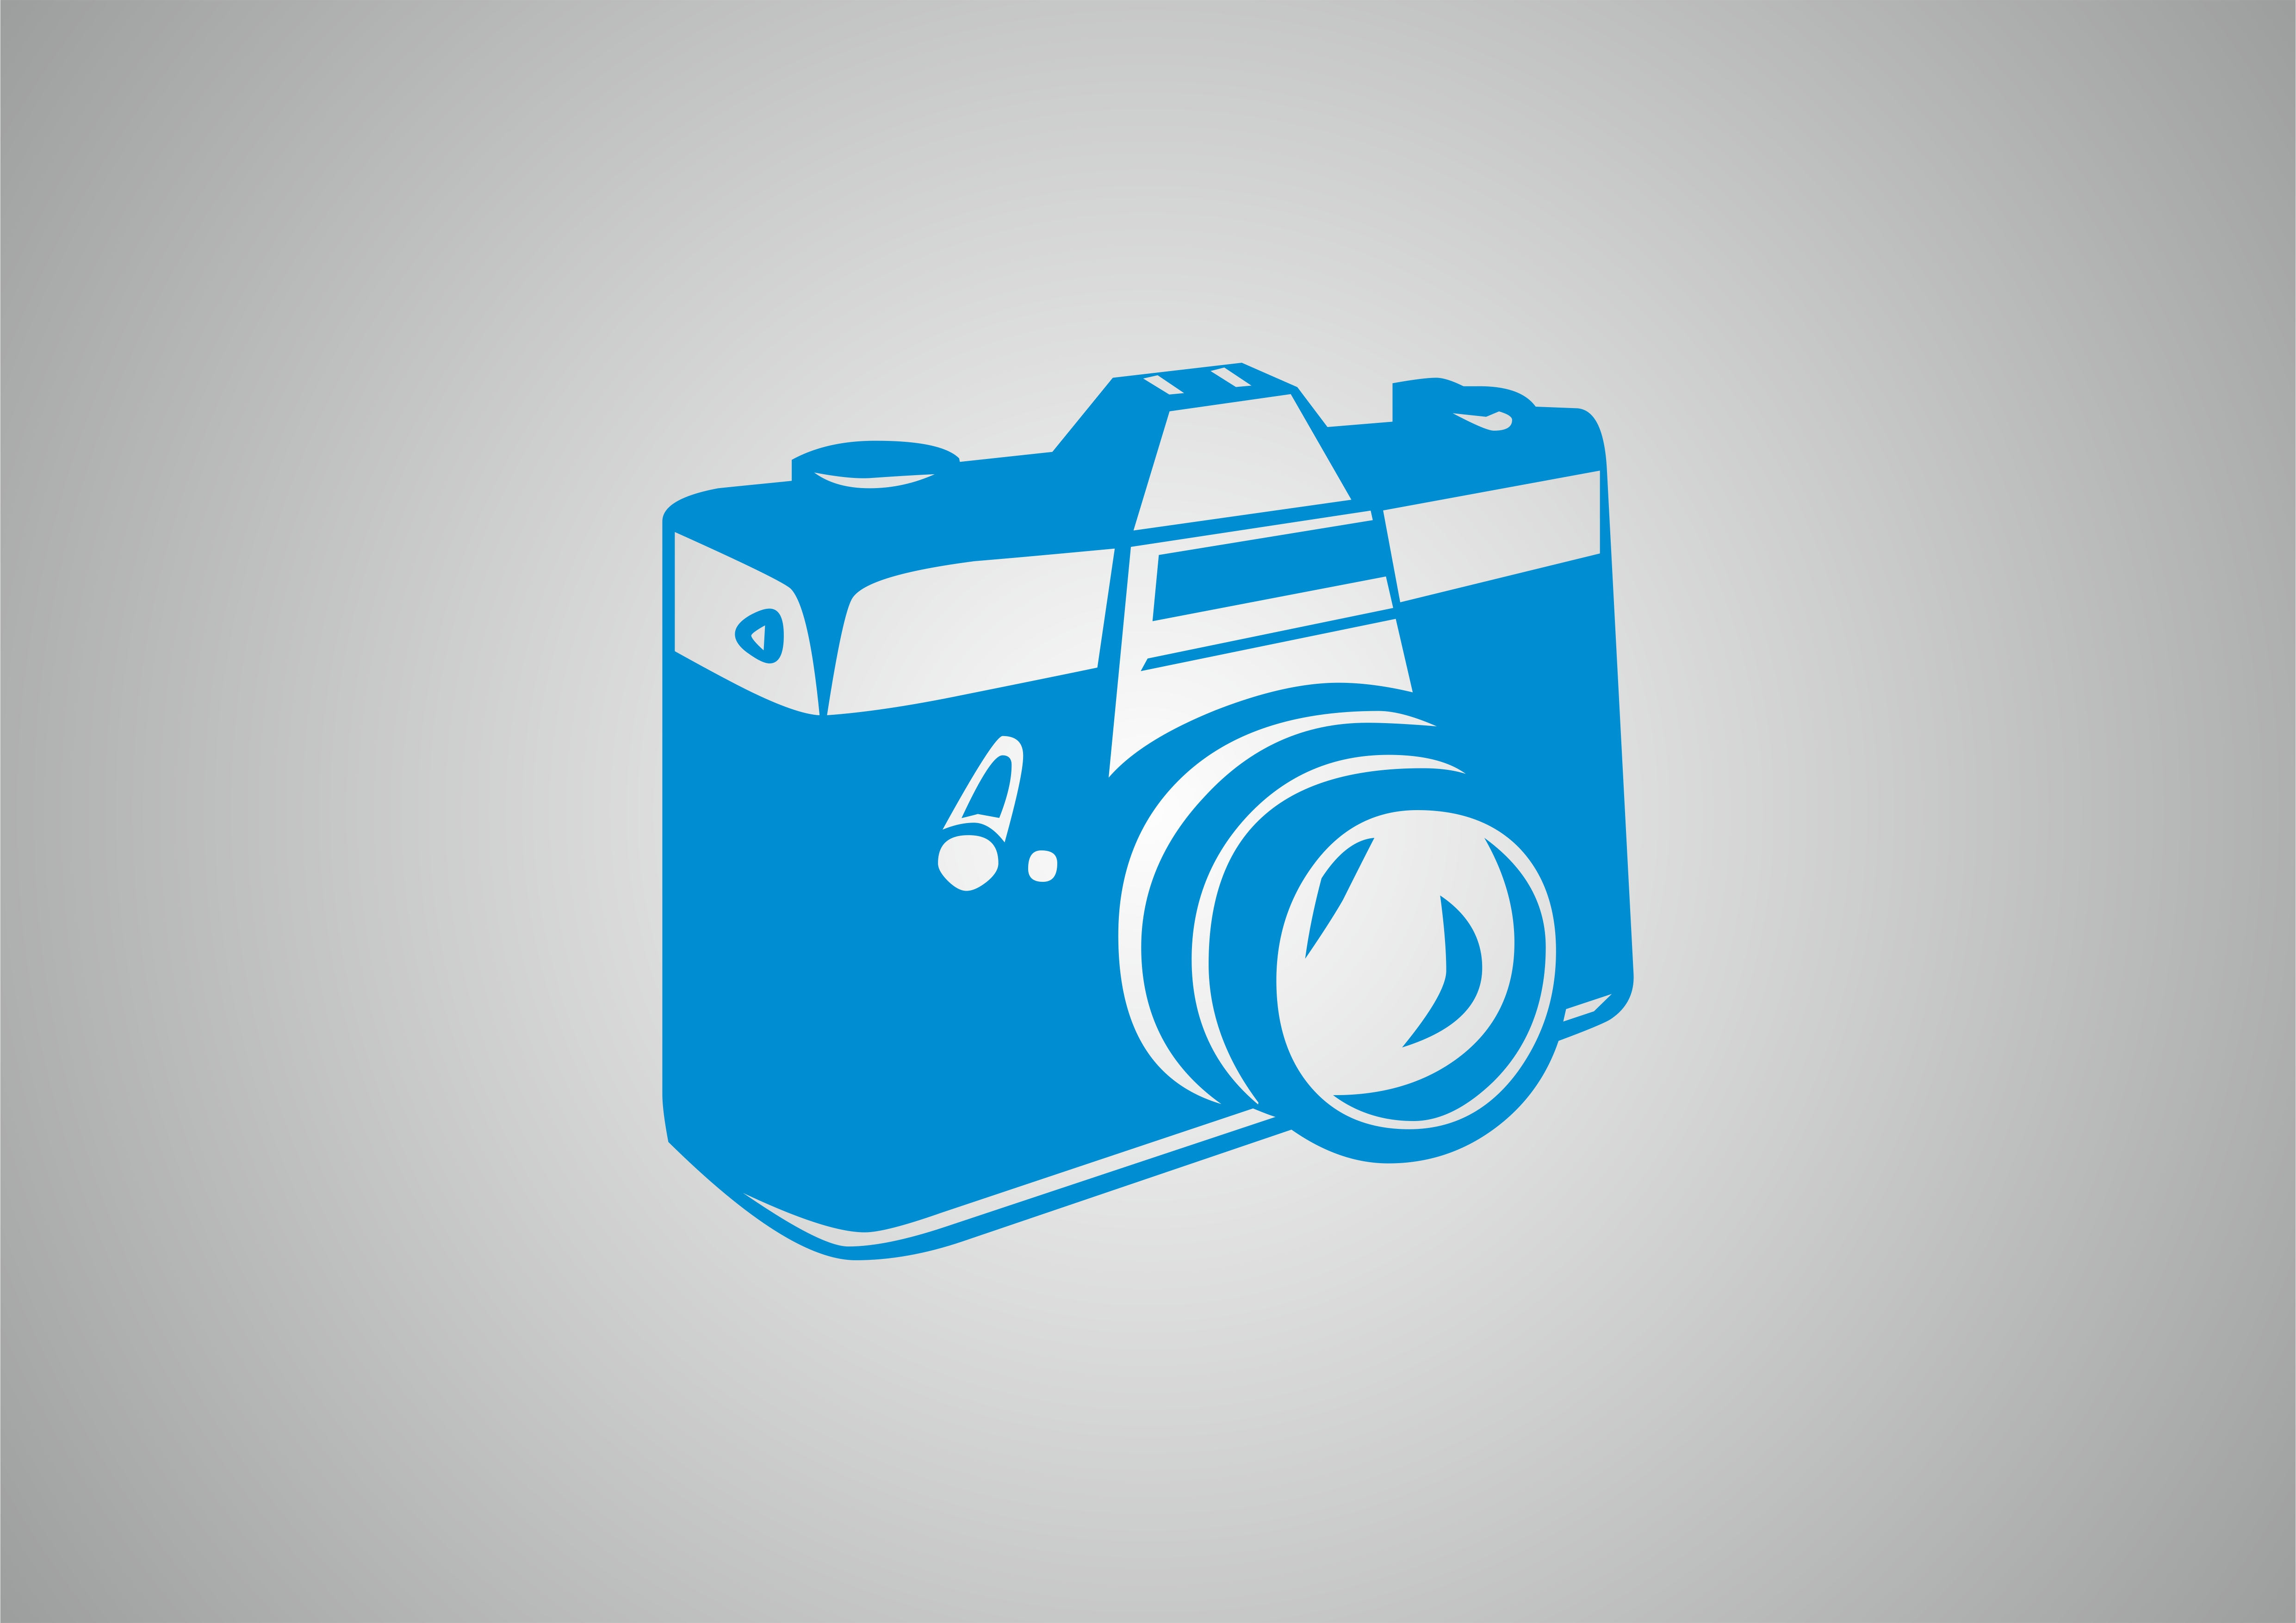 copyright-free image